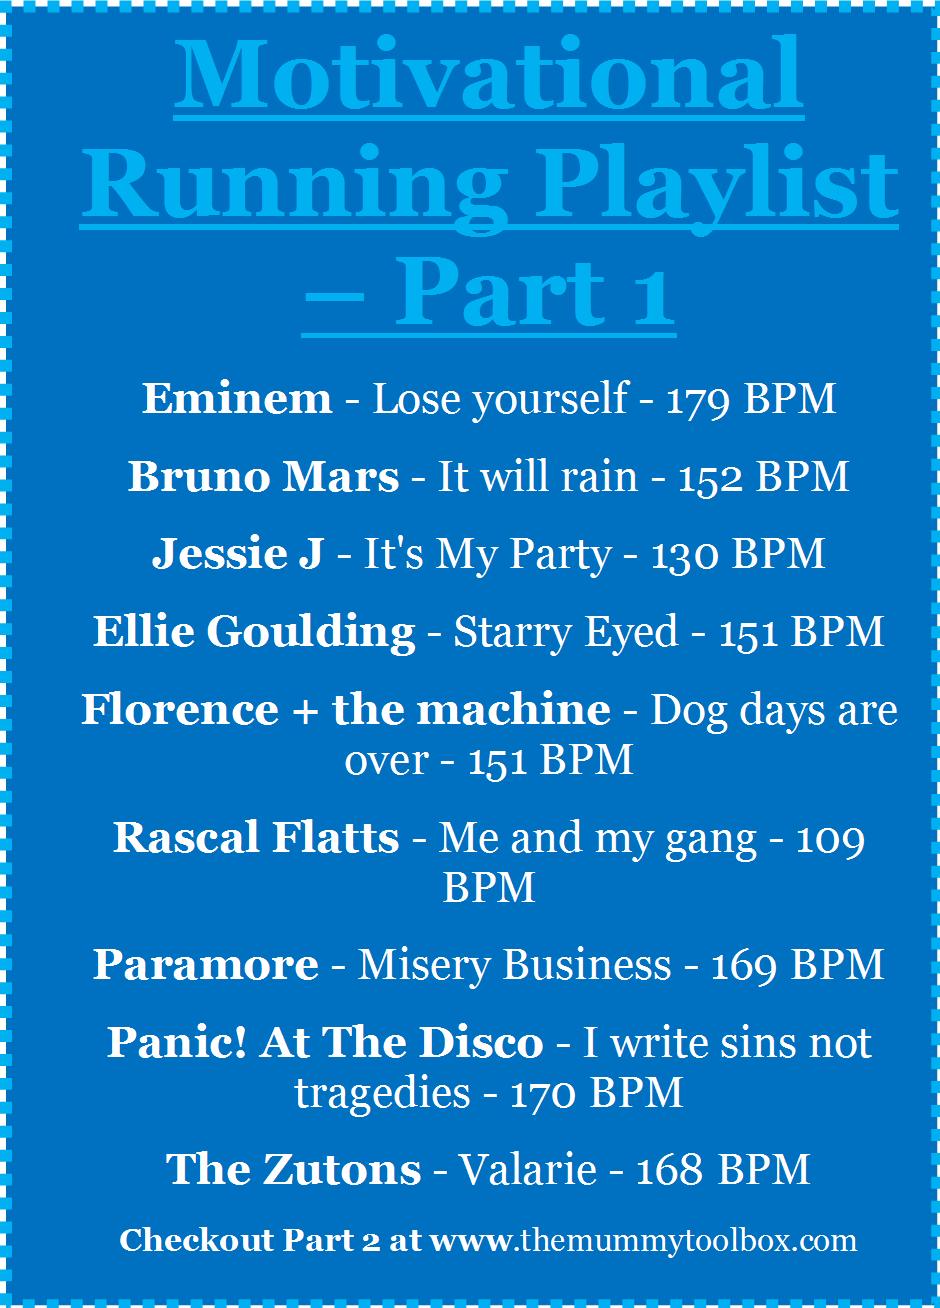 motivational playlist part 1